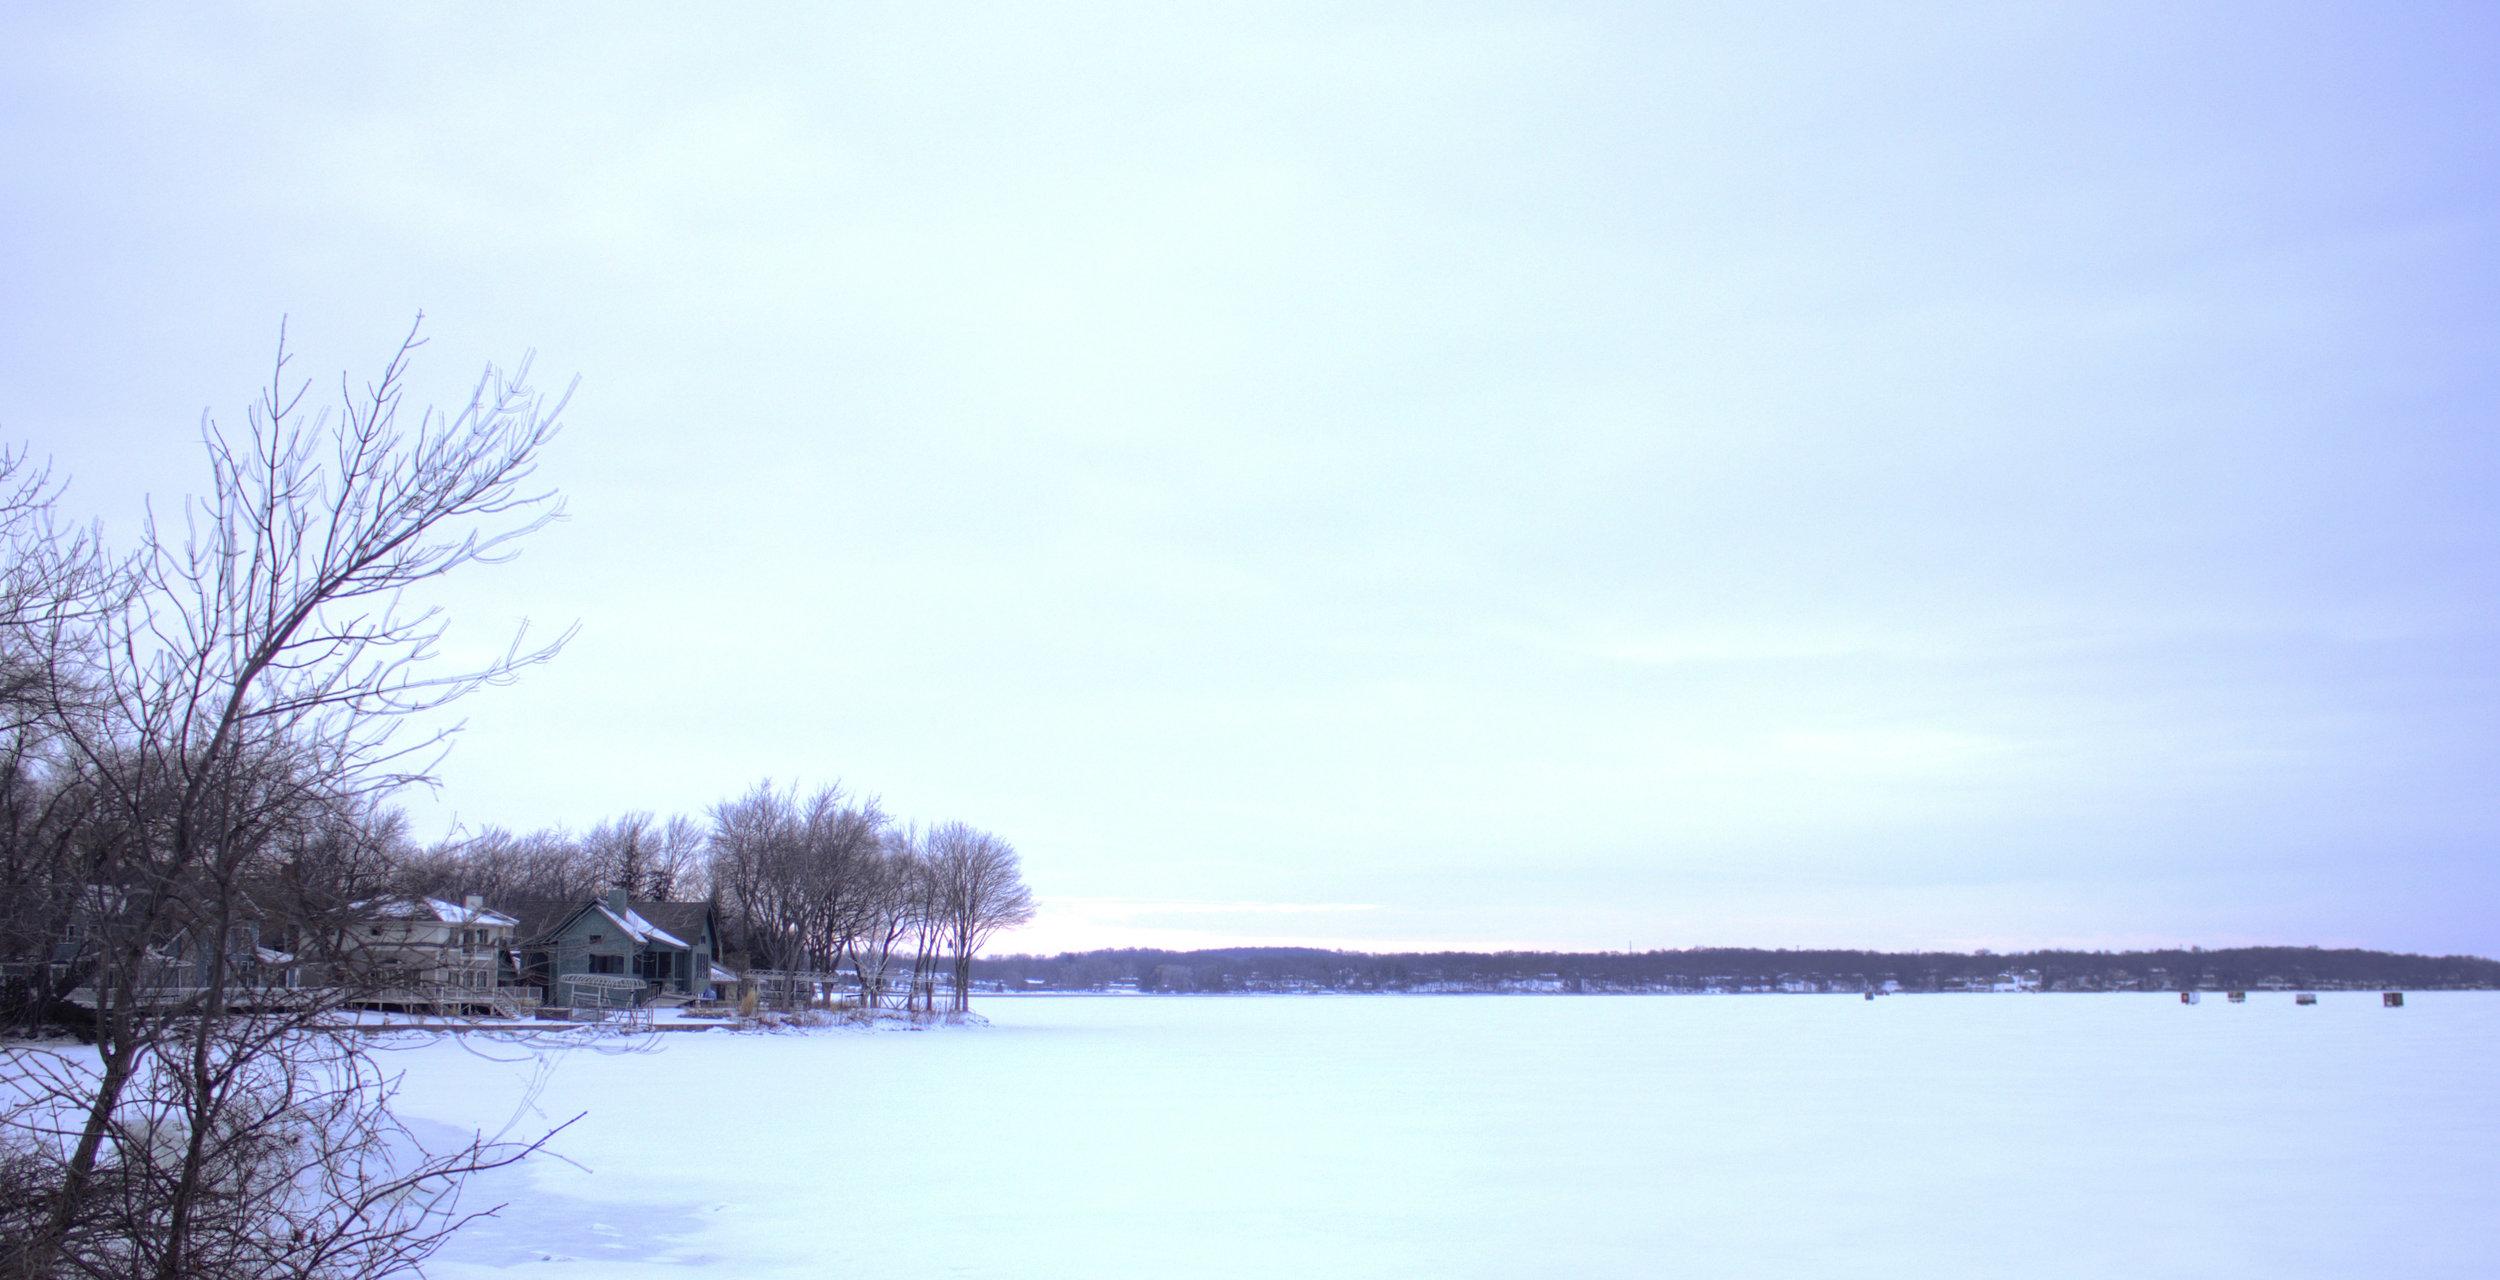 wisconsin-rock-lake-winter-landscape.jpg